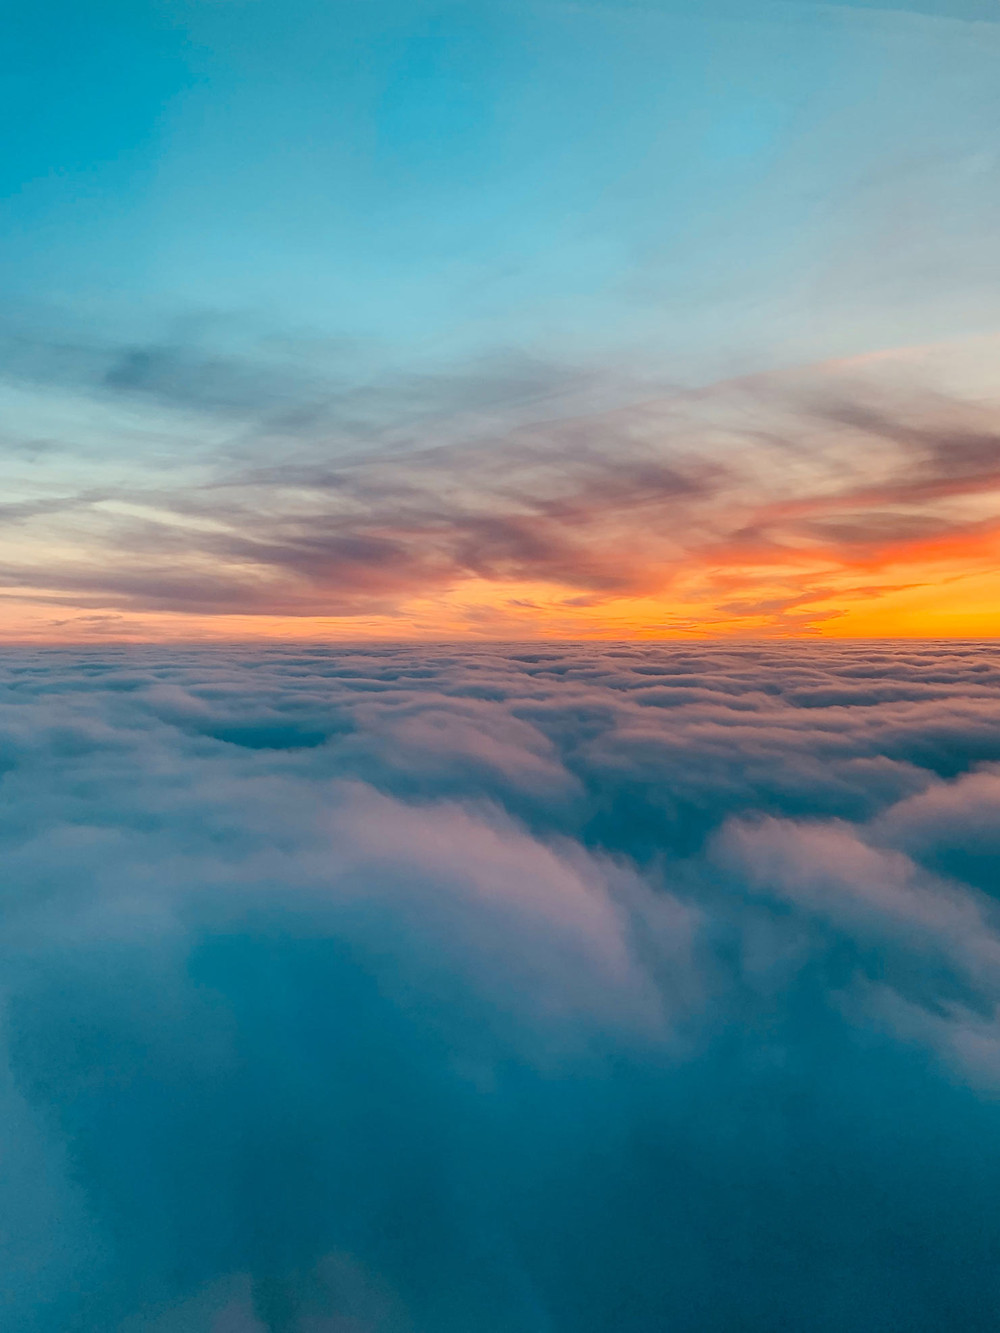 Kuvituskuva. Pilvien yläpuolelta kuvattu auringonlasku, jossa auringon säteet pilkistävät pilvien välistä.